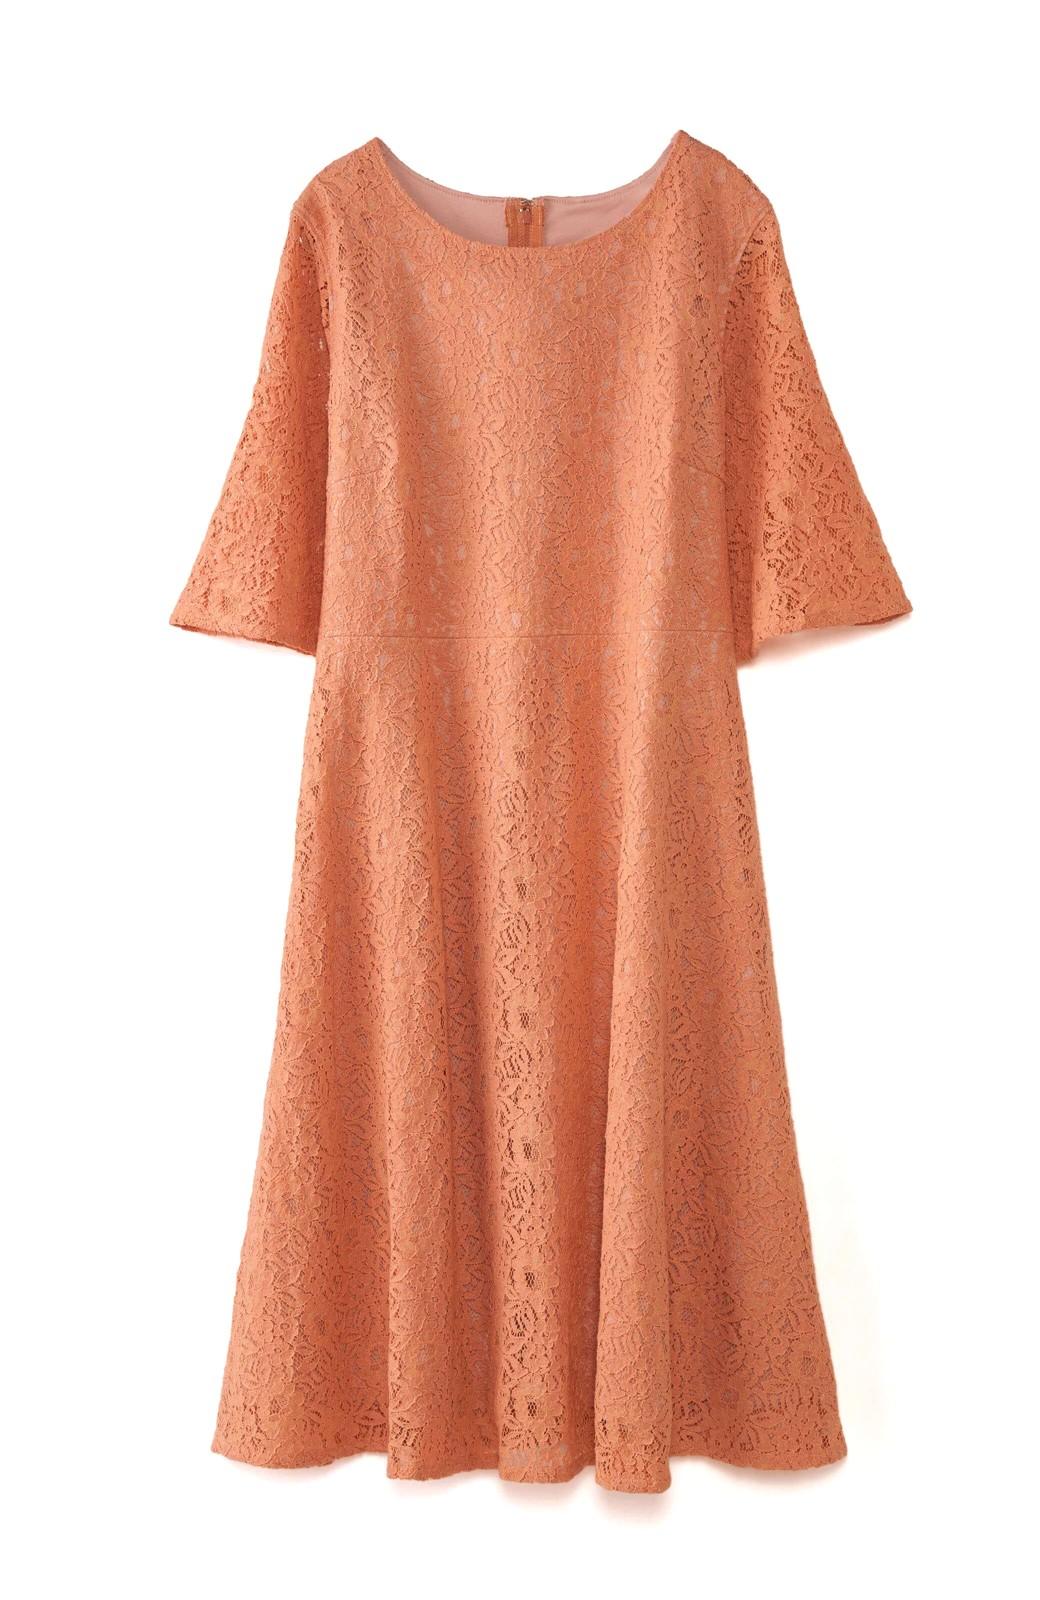 エムトロワ 結婚式にも便利 1枚で着てきれいなレースワンピース <オレンジ>の商品写真1